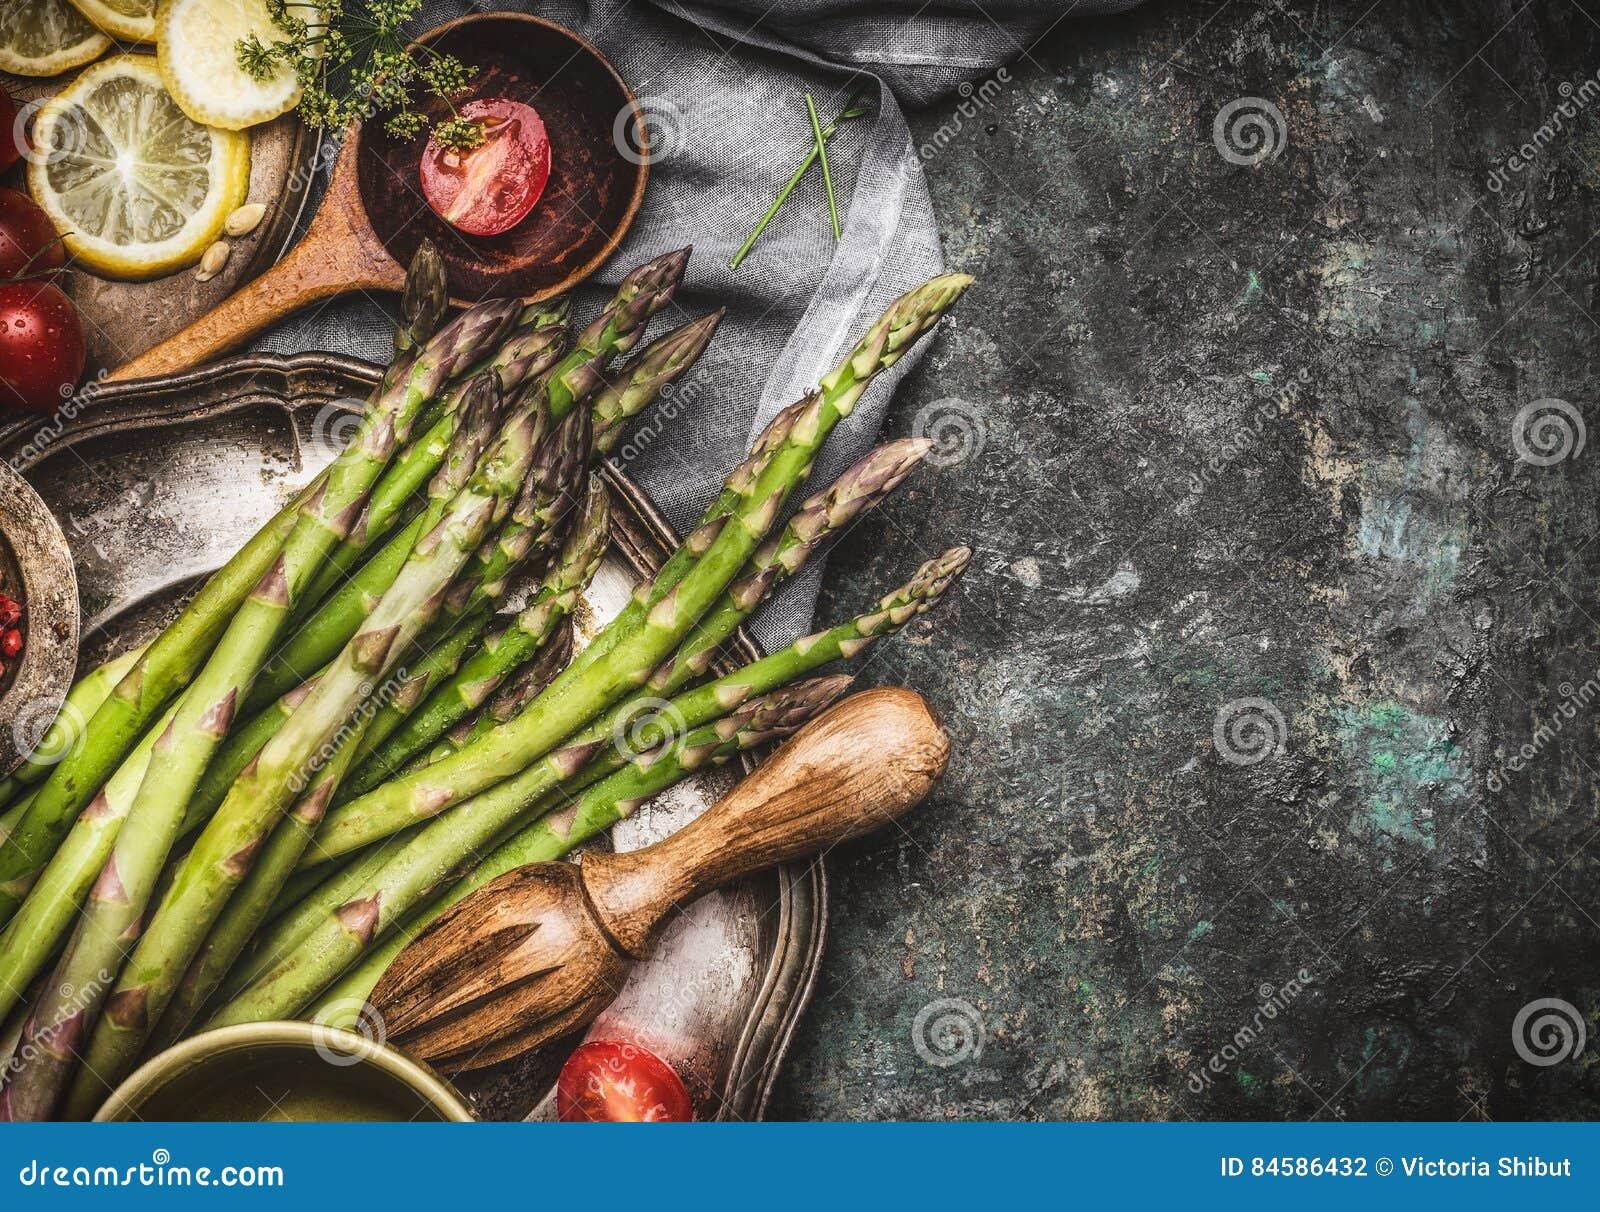 Grüner Spargel Der Vorbereitung Mit Dem Kochen Des Löffels Und Der